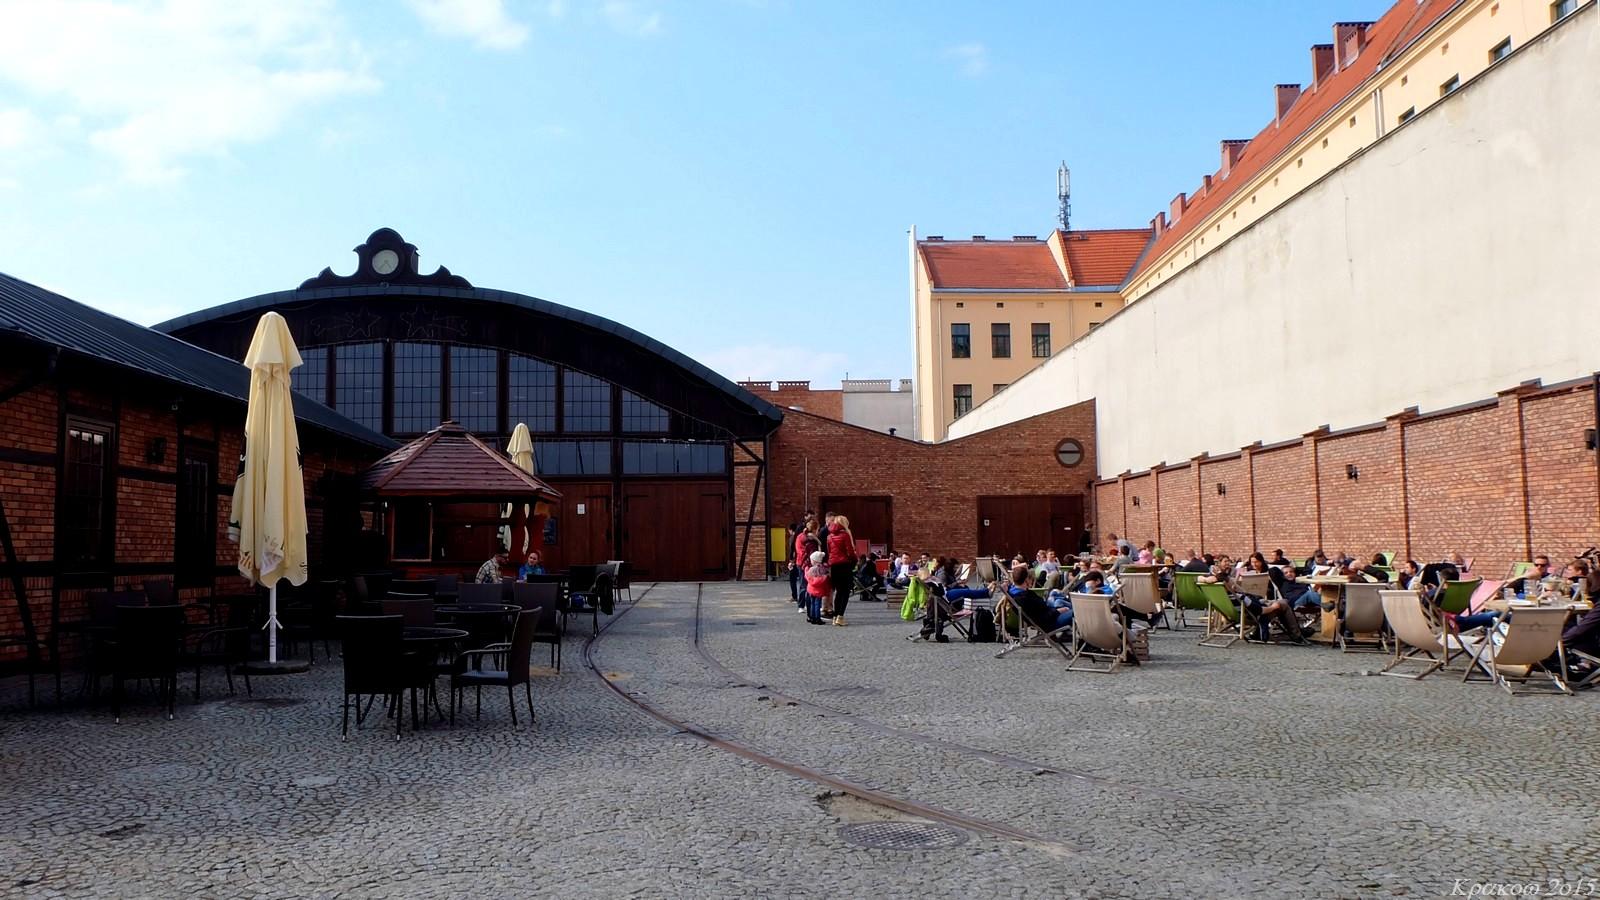 św. Wawrzyńca, Kazimierz, Krakow, Poland